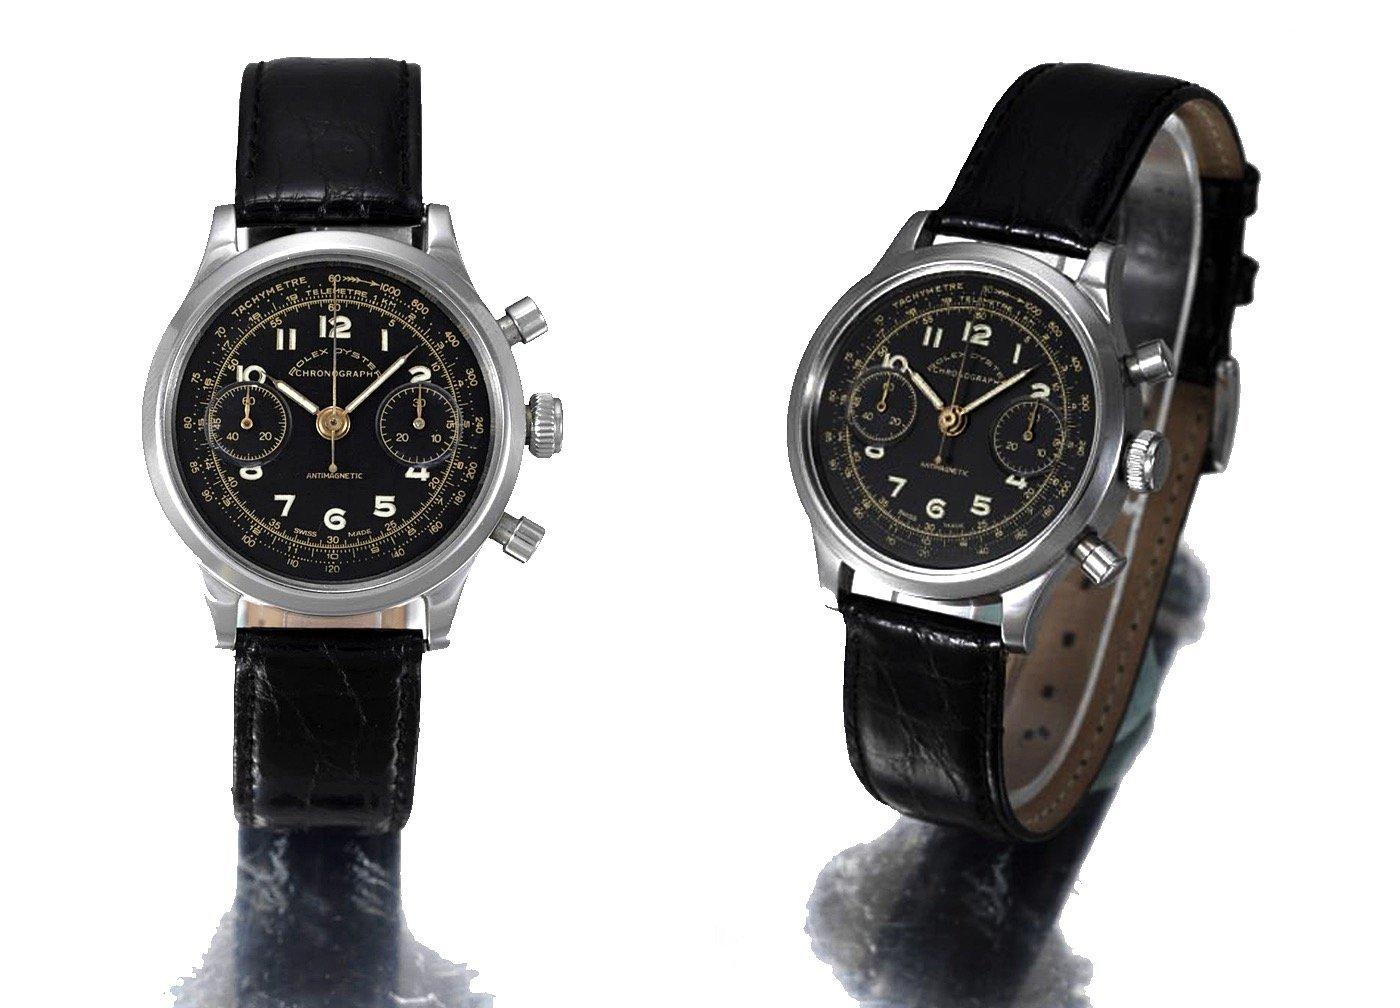 שעון הרולקס שסייע בתכנון הבריחה מהנאצים - השעון של קלייב ג'יימס נוטינג. מקור - RolexMagazine.com.